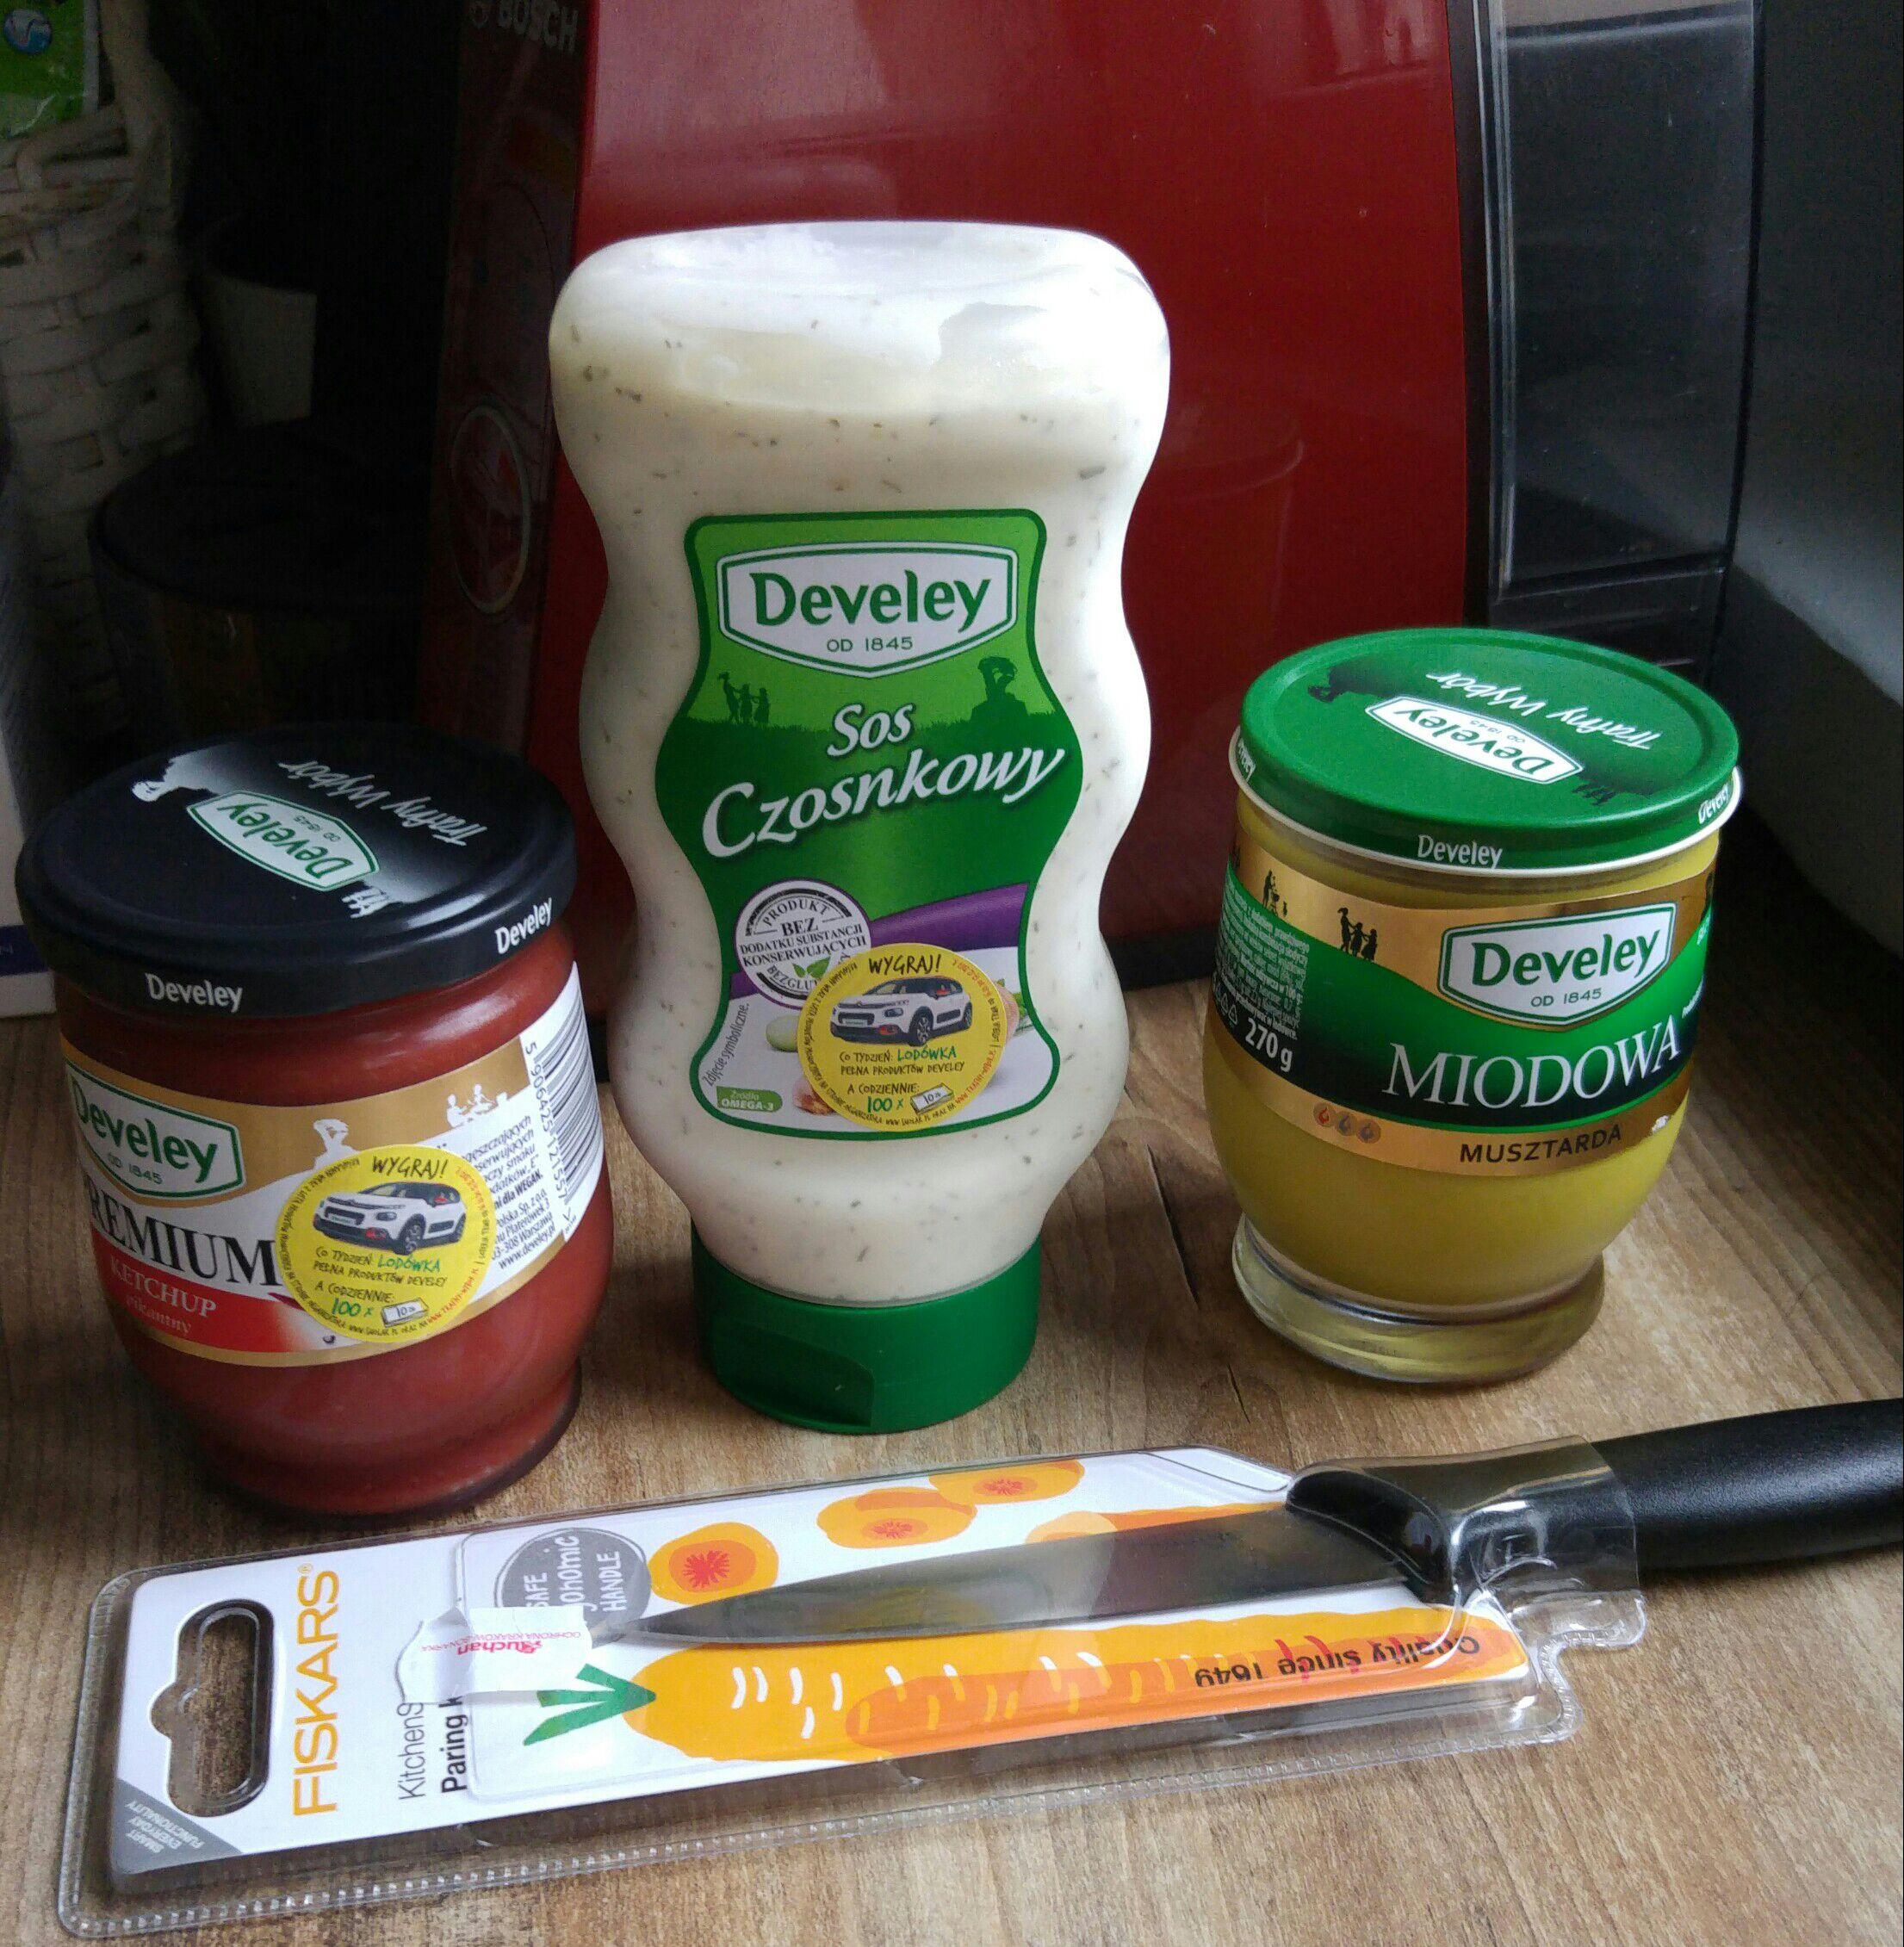 Nóż Fiskars Gratis do zakupu 3 dowolnych produktów Develey w Auchan